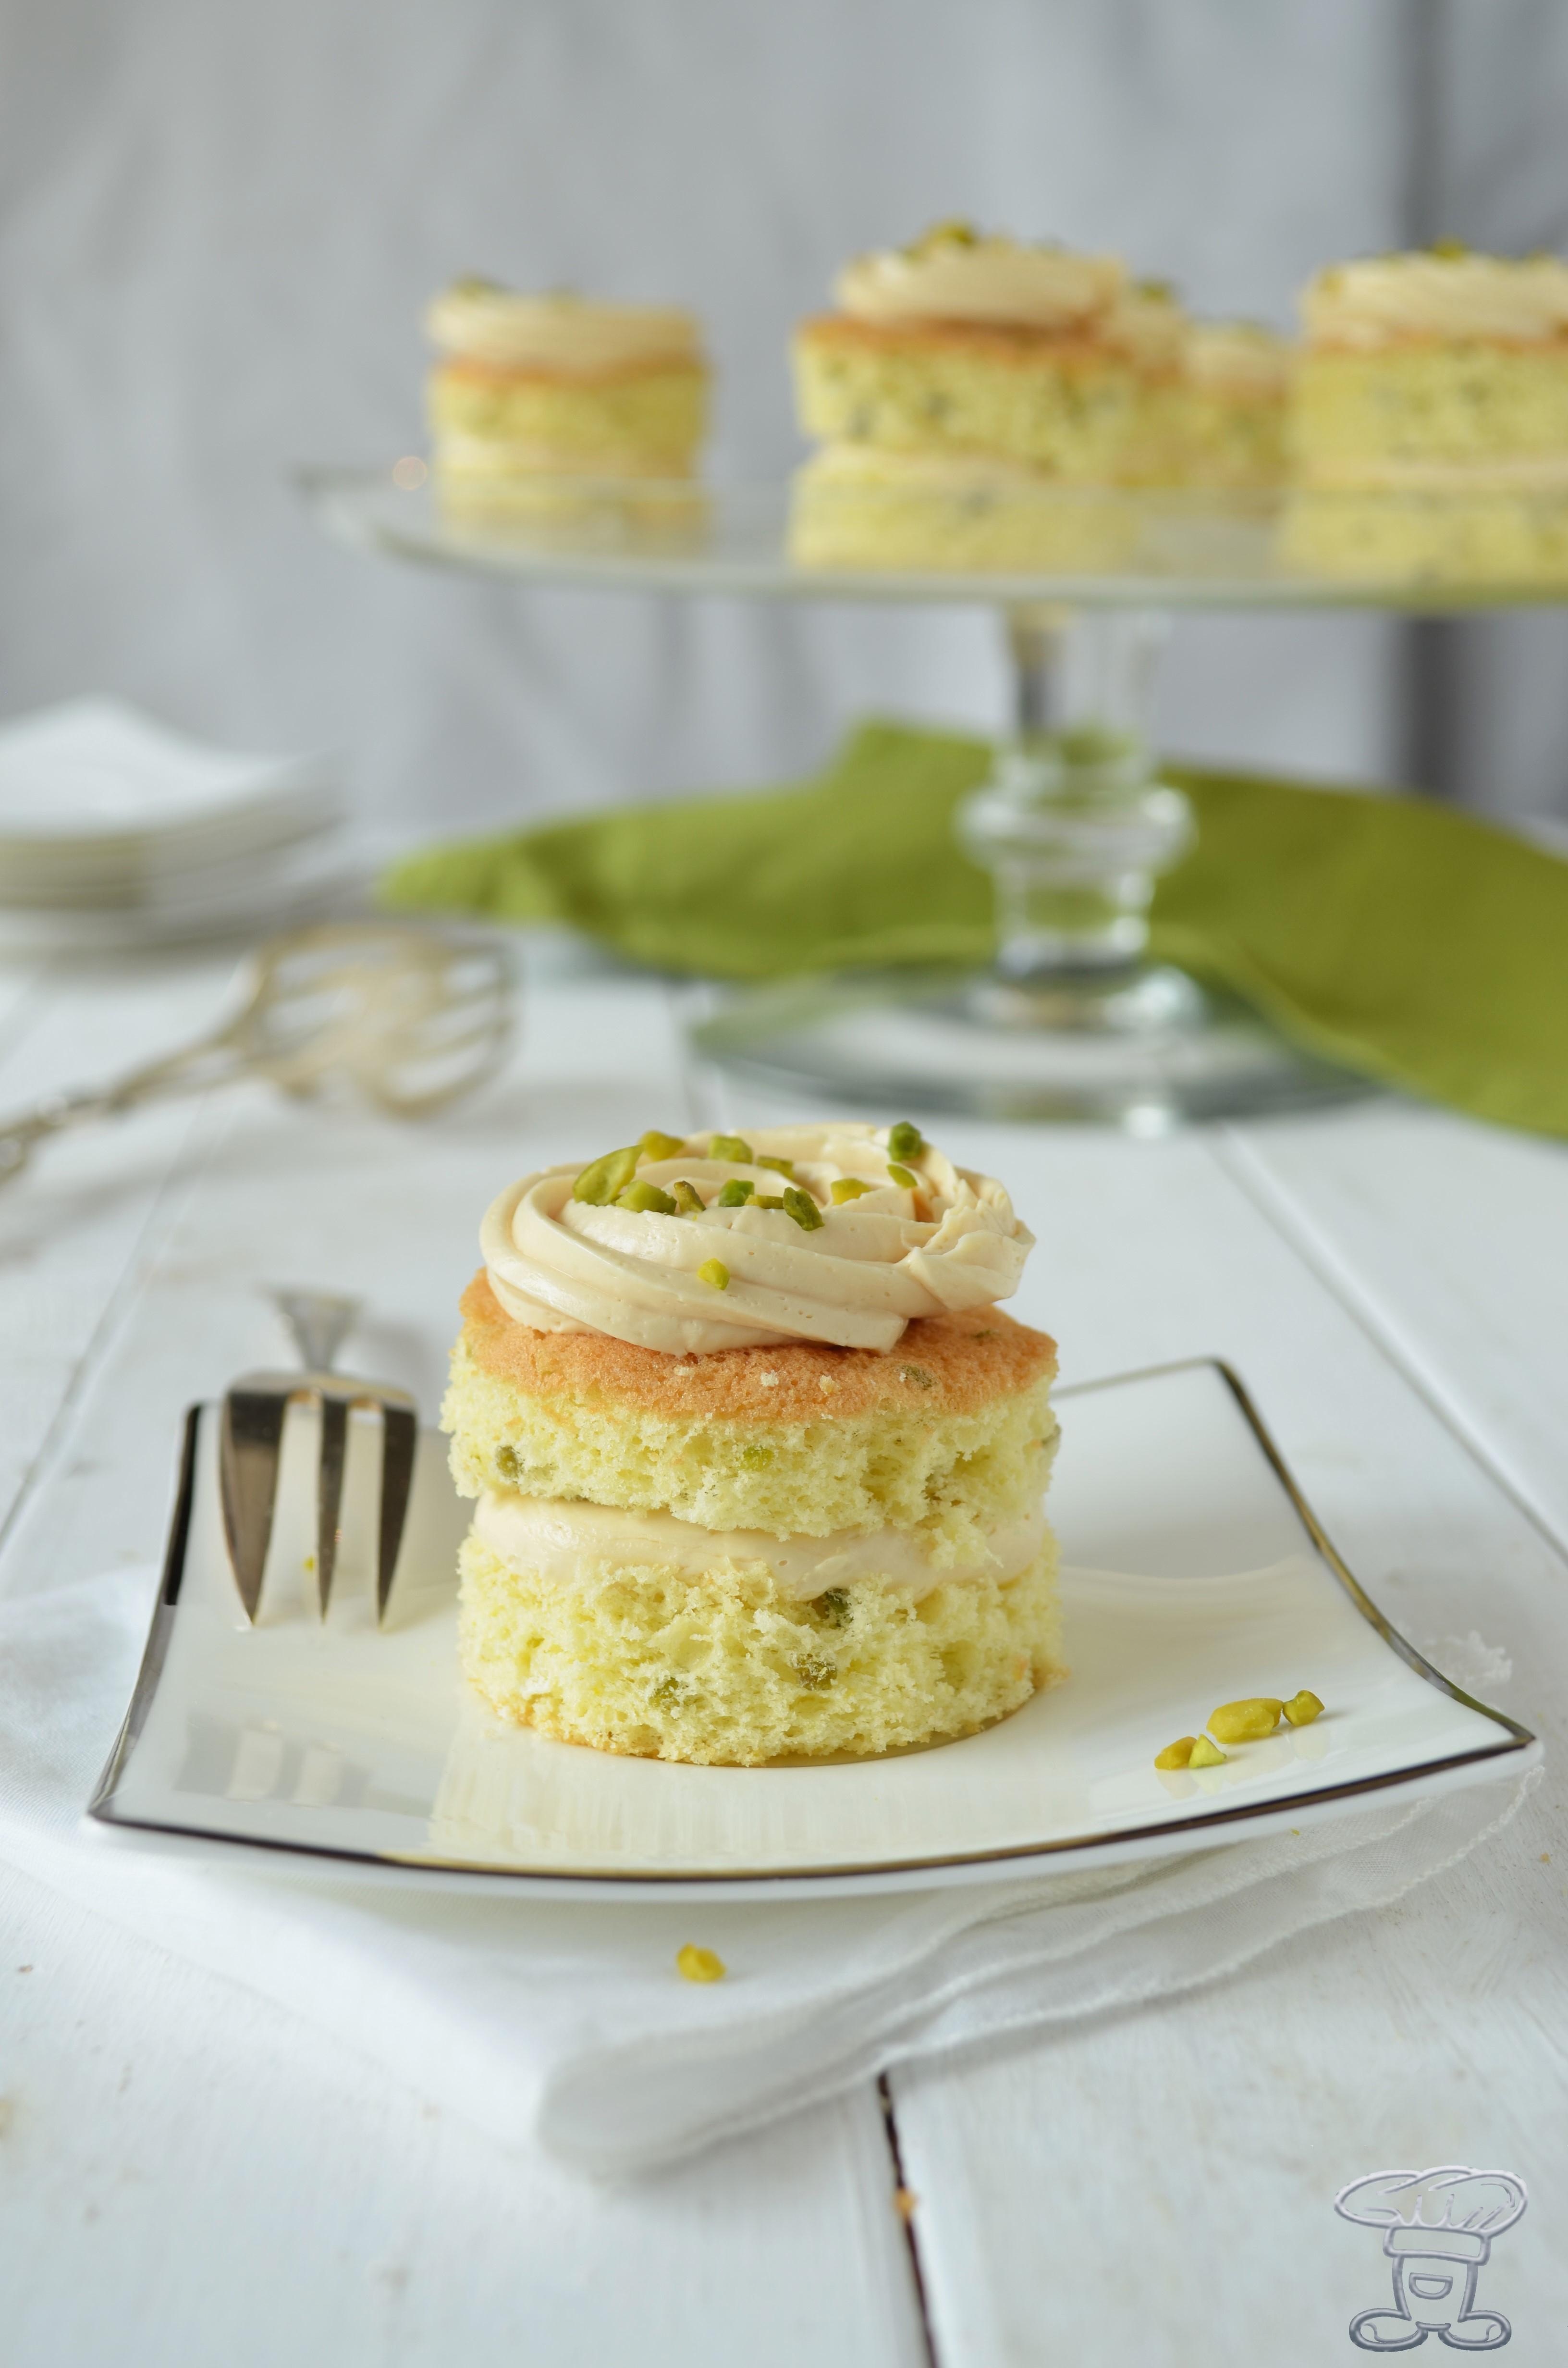 dsc_0238 Mini Pan di Spagna al Pistacchio e Crema al Caramello Salato